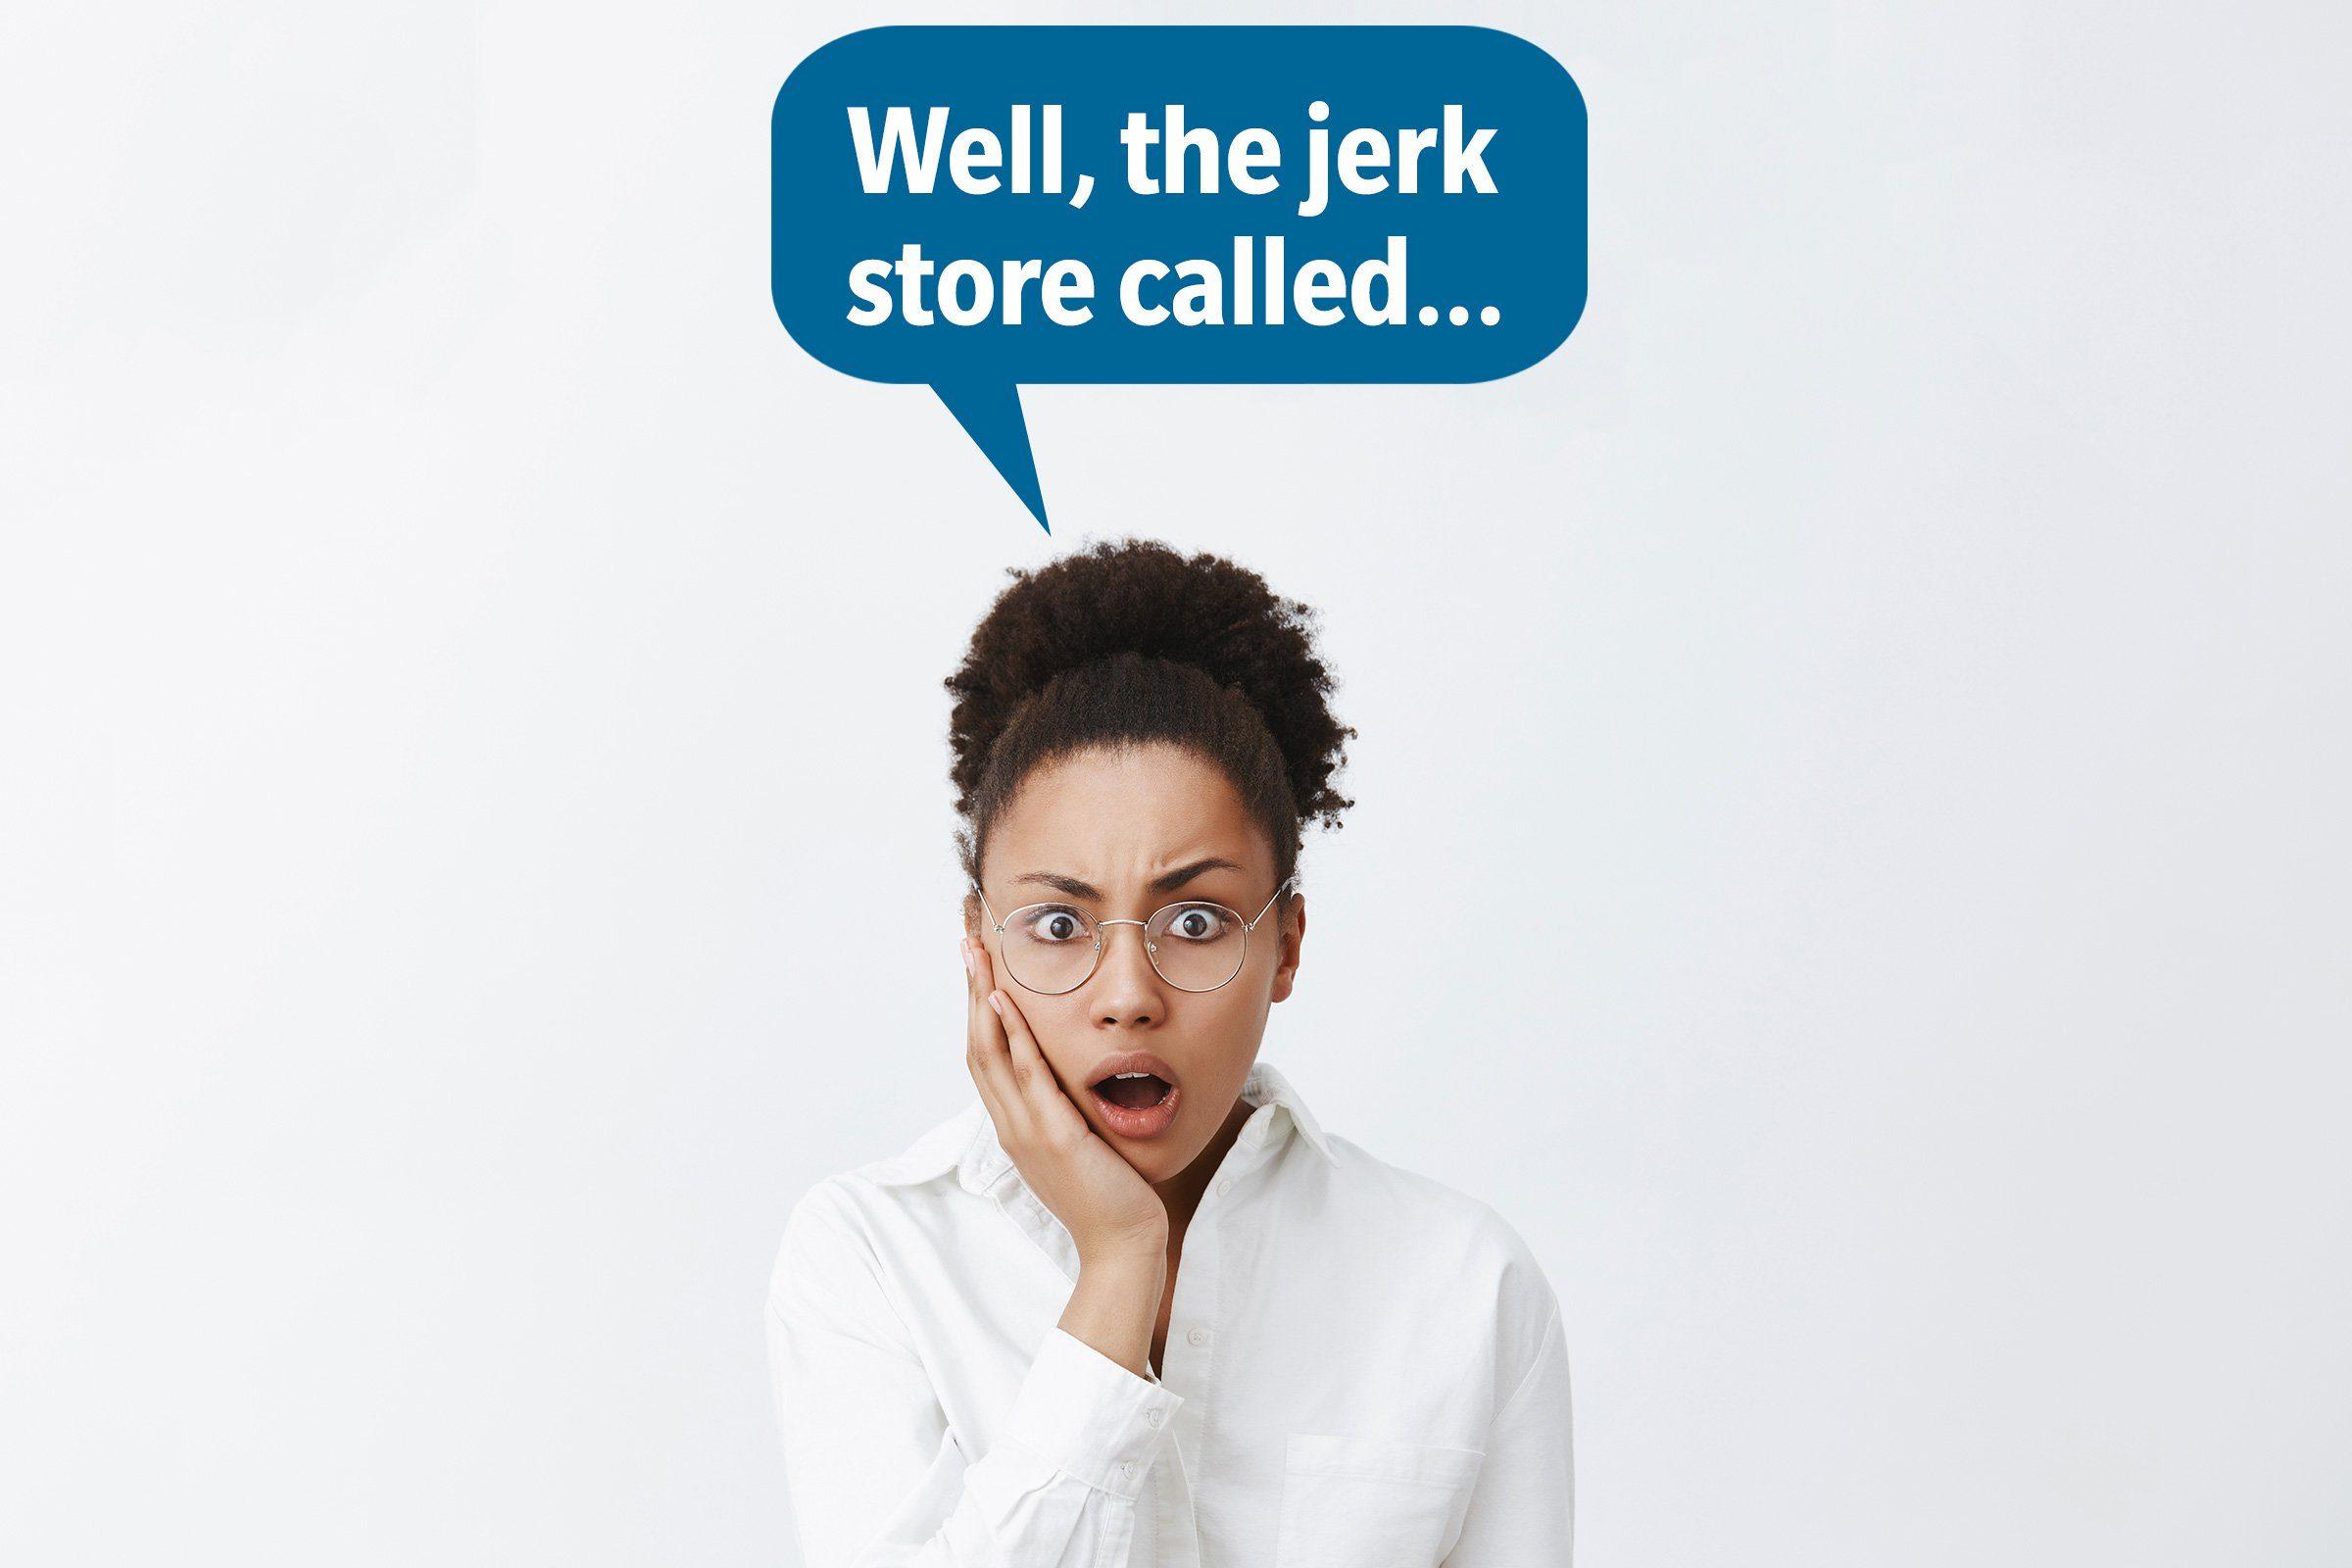 good comeback the jerk store